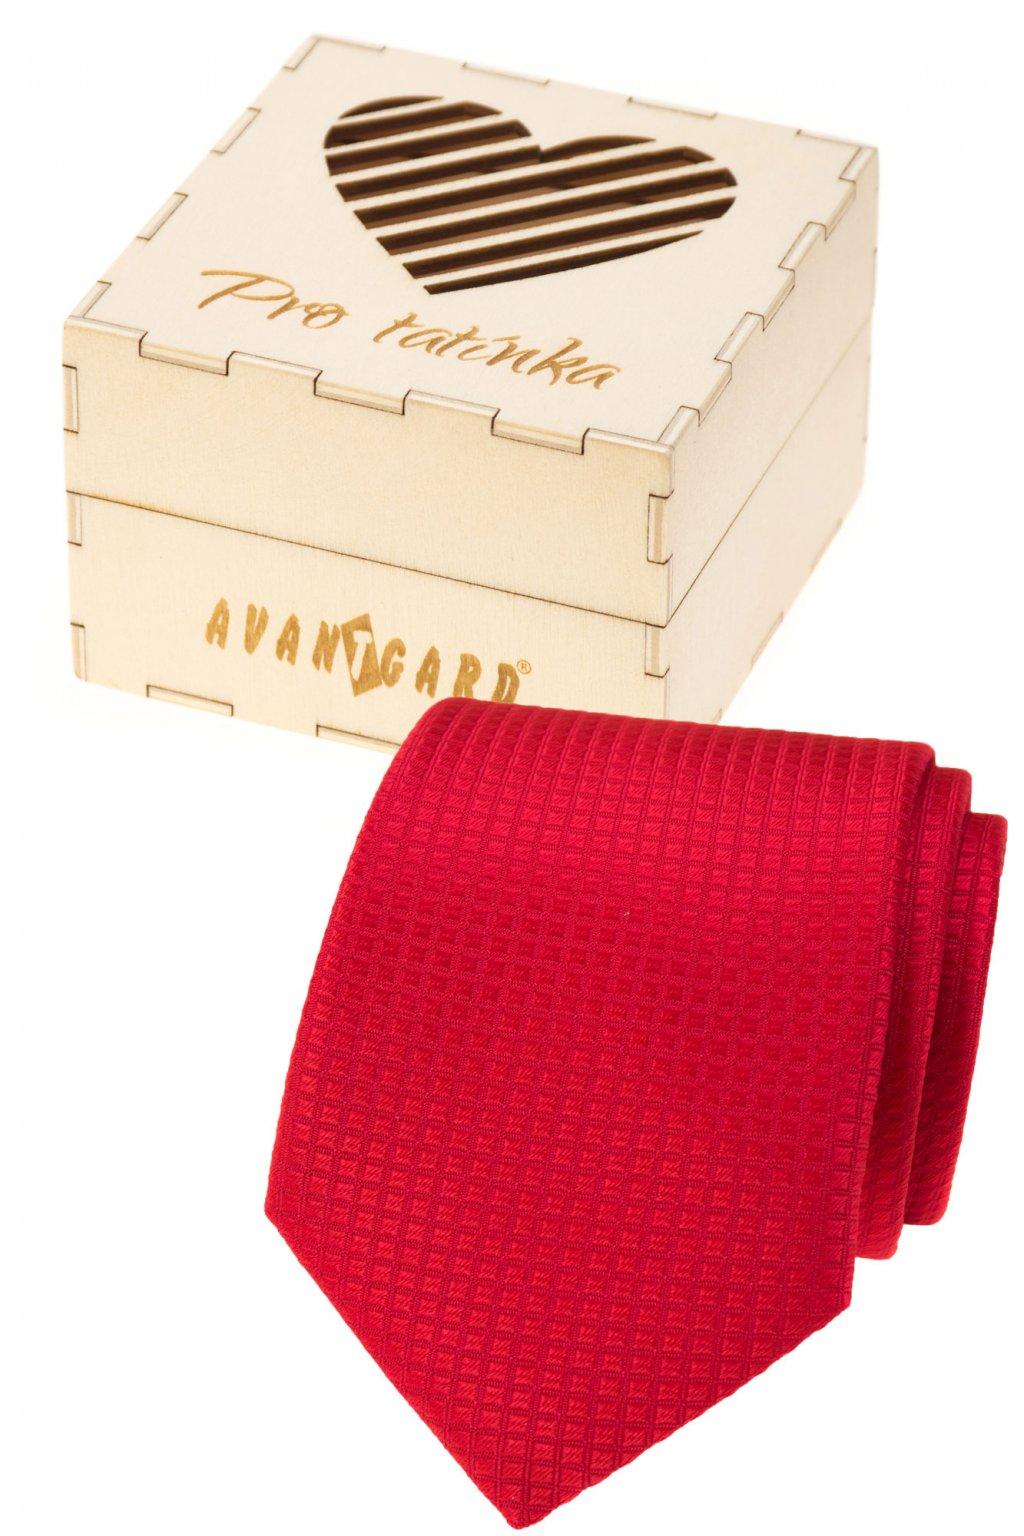 Dárkový set Pro tatínka - Kravata v dárkové dřevěné krabičce s nápisem, 919-37226, Červená, přírodní dřevo